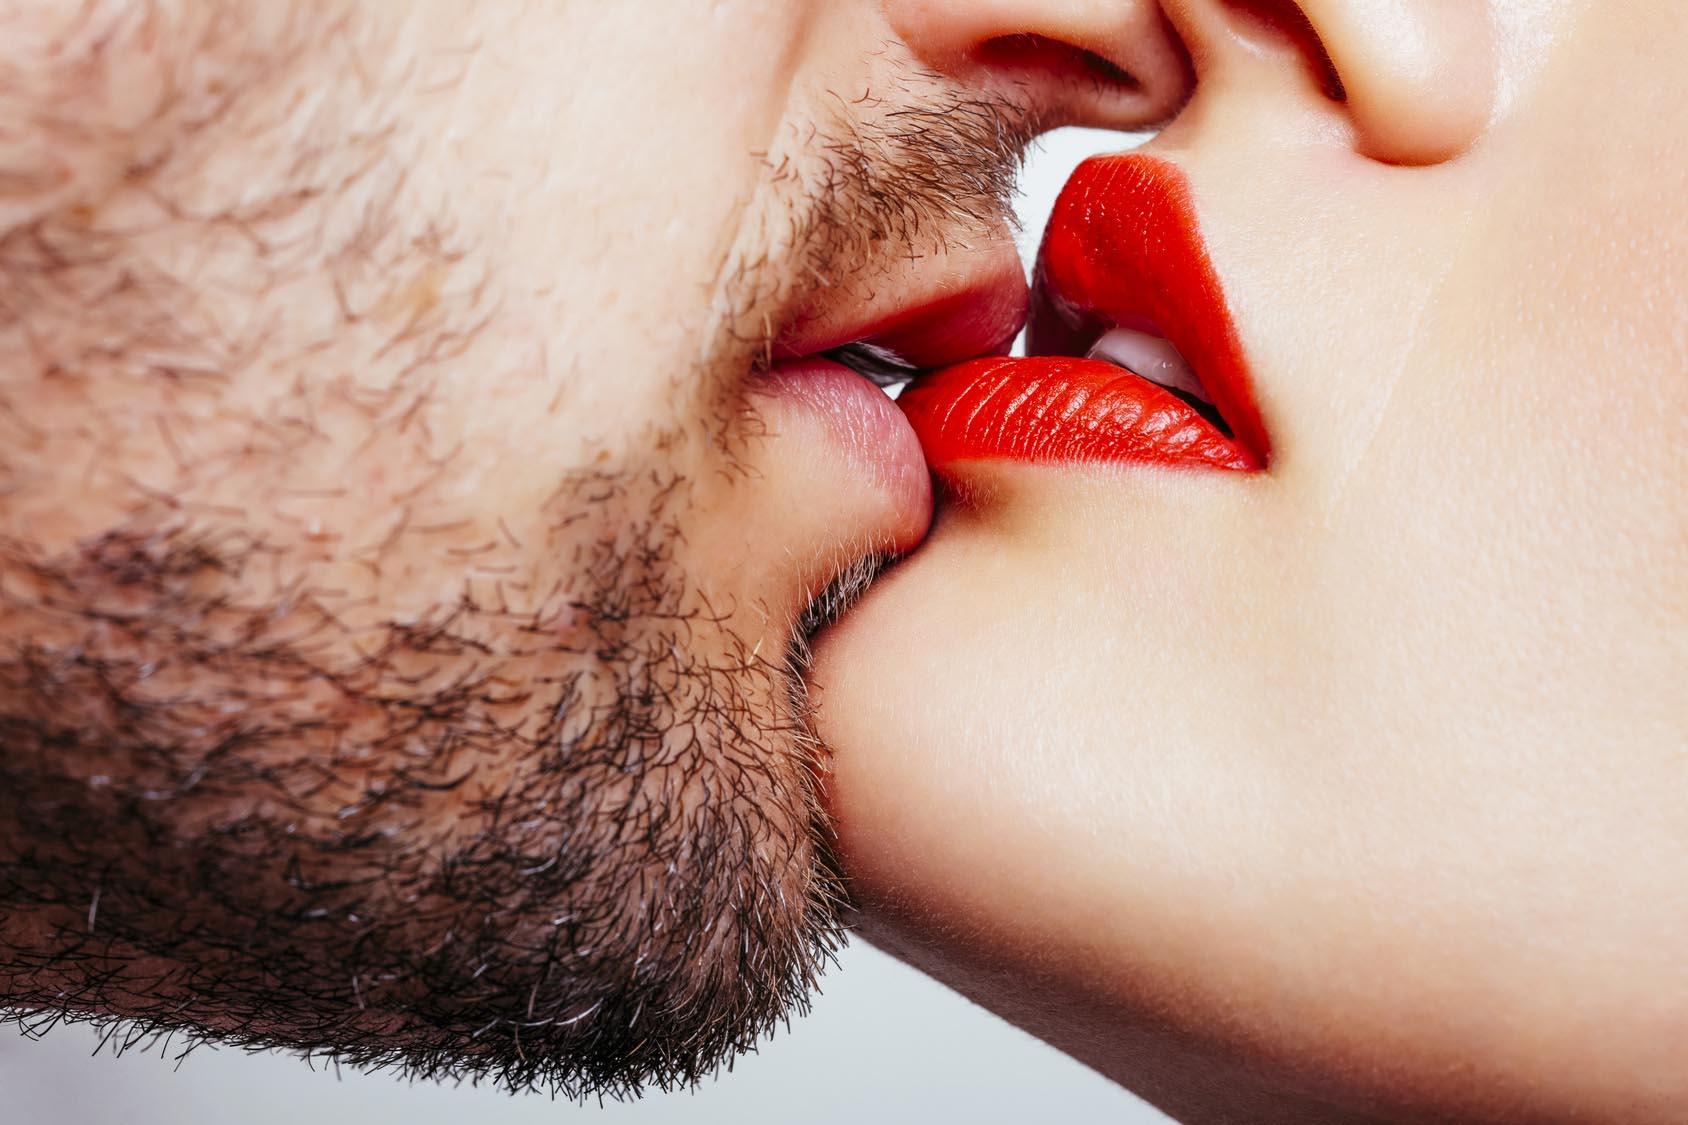 Картинки целовать мужчину